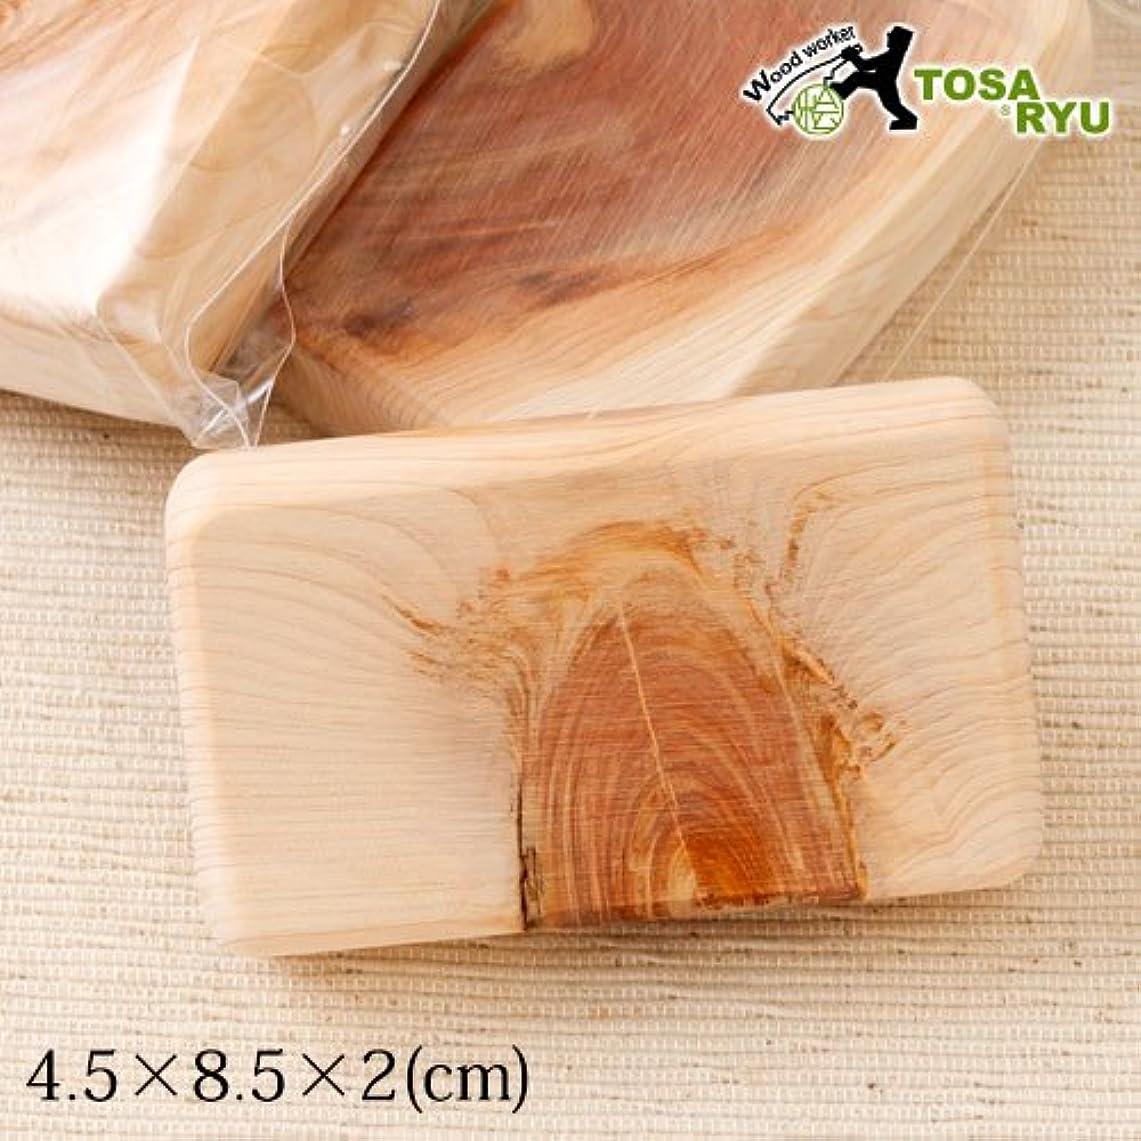 餌ピザブロンズ土佐龍アロマブロック(1個)高知県の工芸品Aroma massager of cypress, Kochi craft